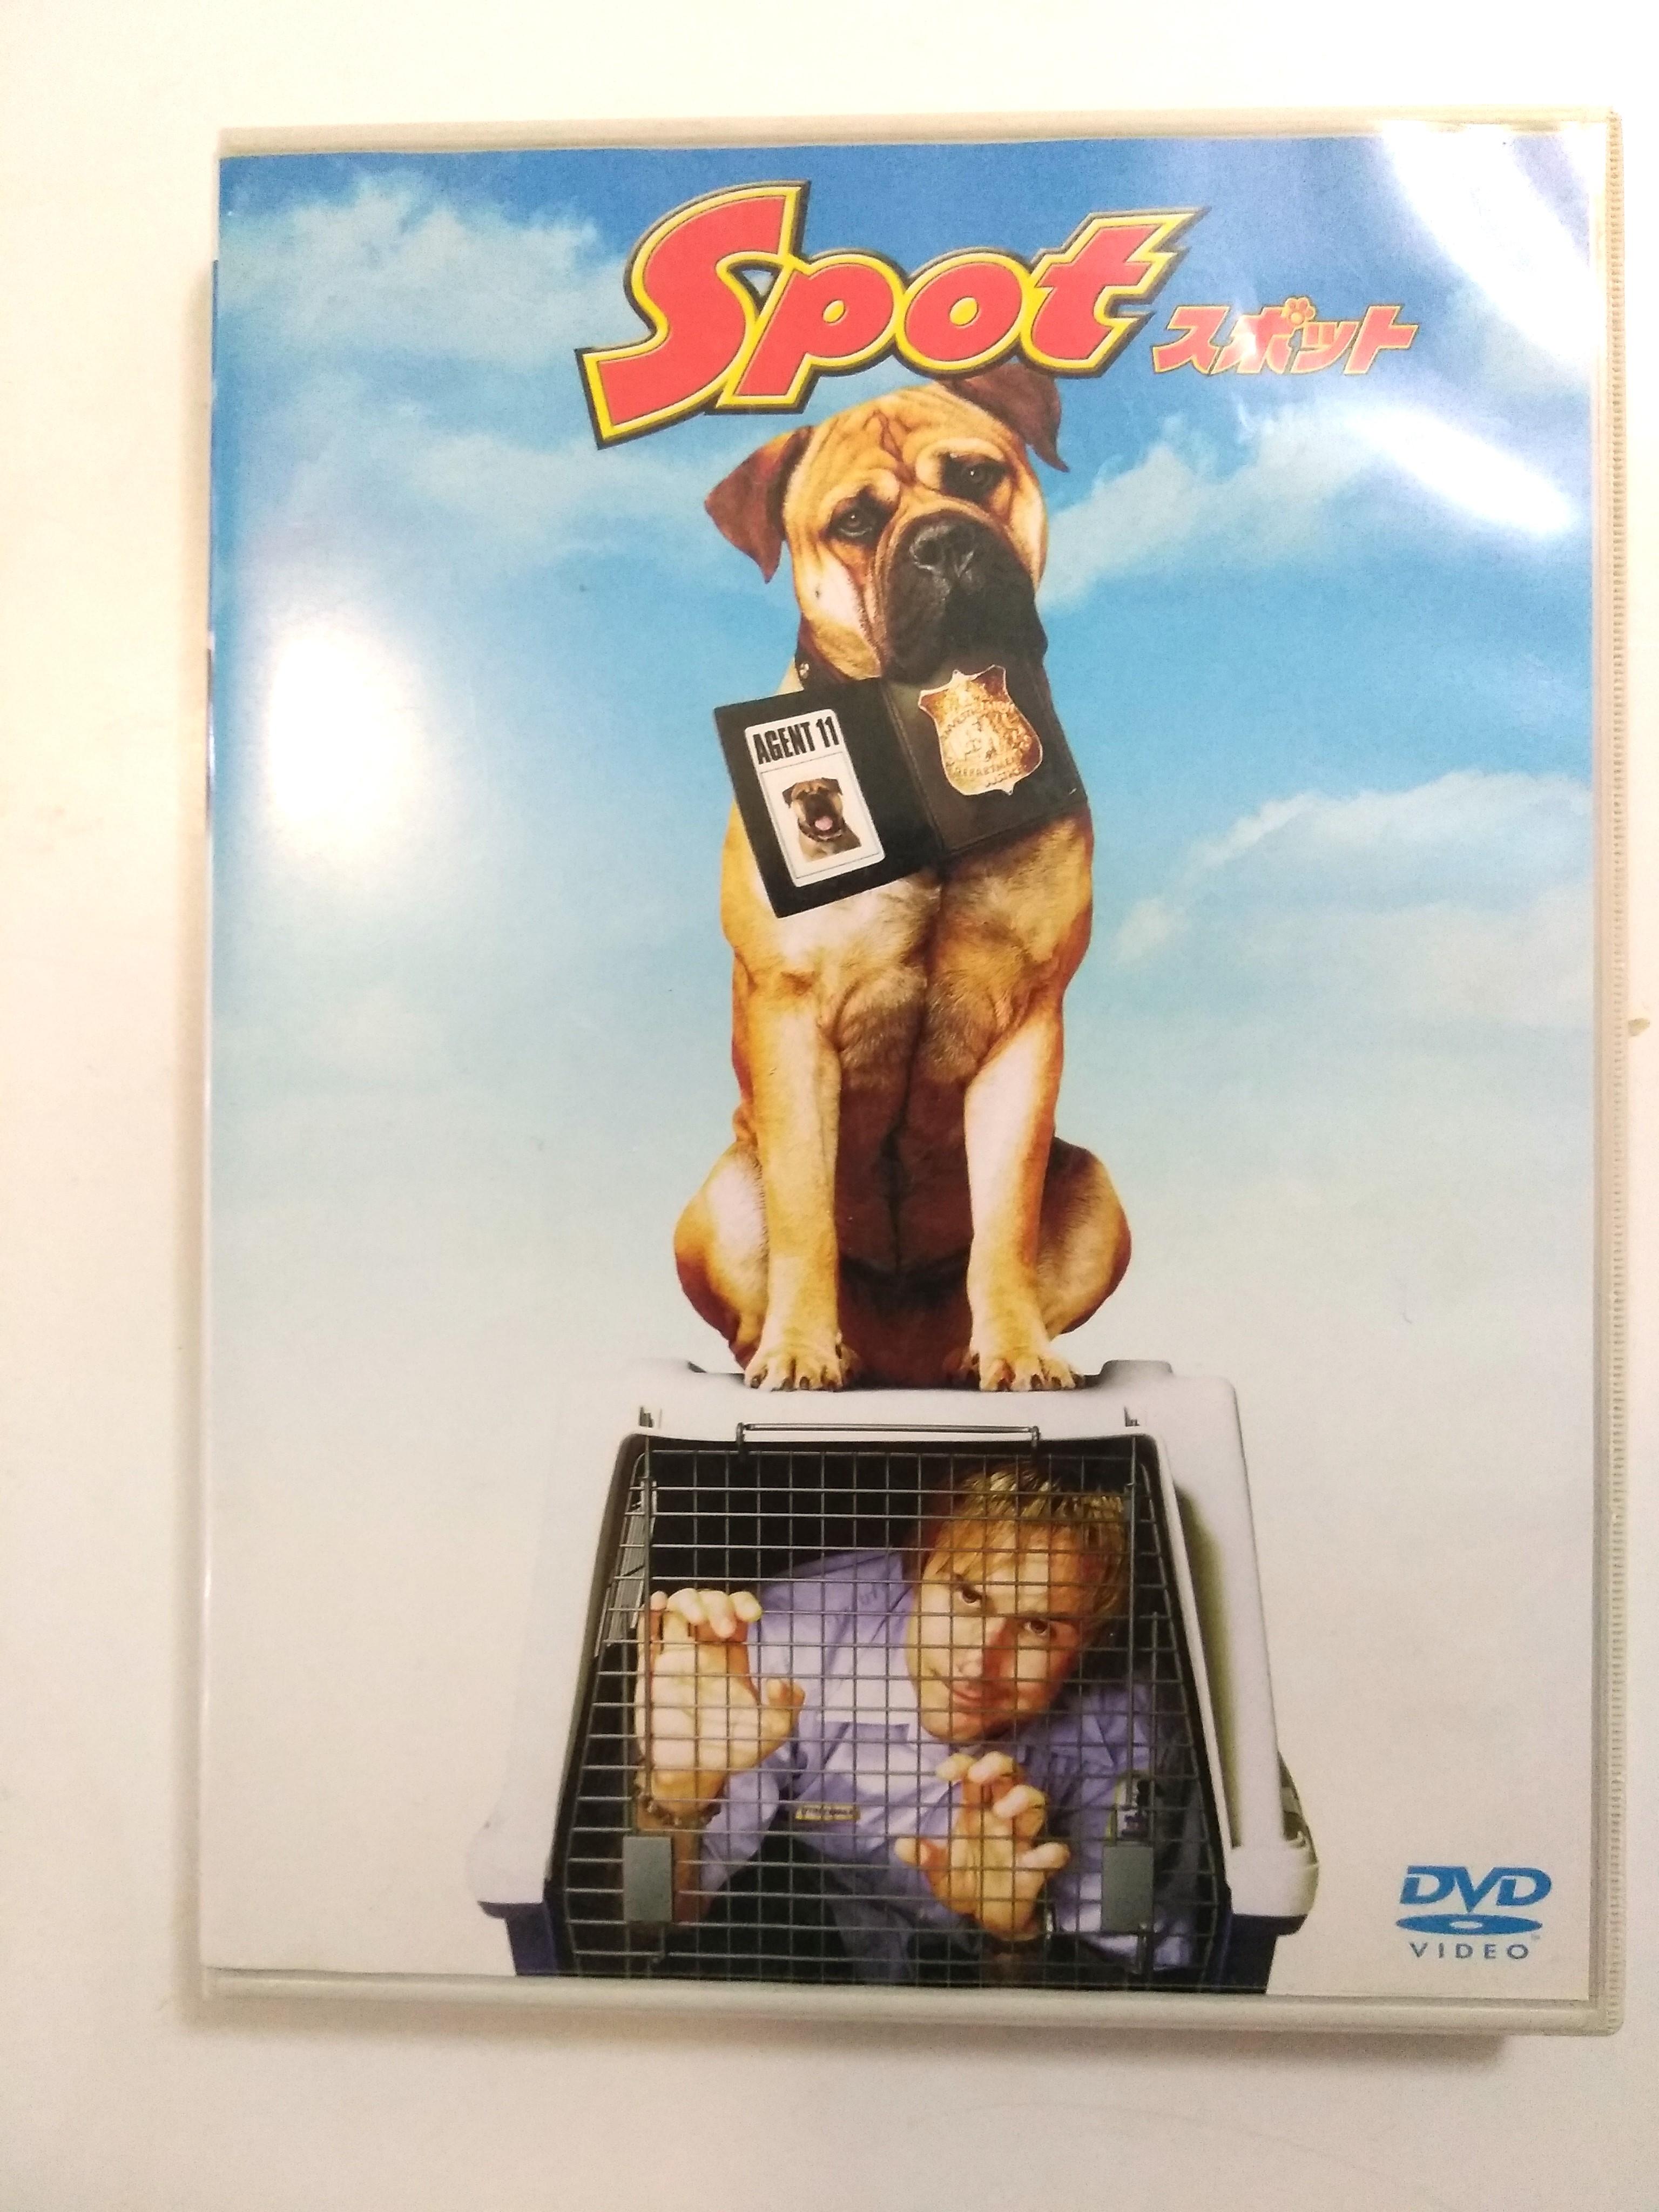 ハリウッドコメディ映画「SPOT」スポットのDVDのジャケット写真